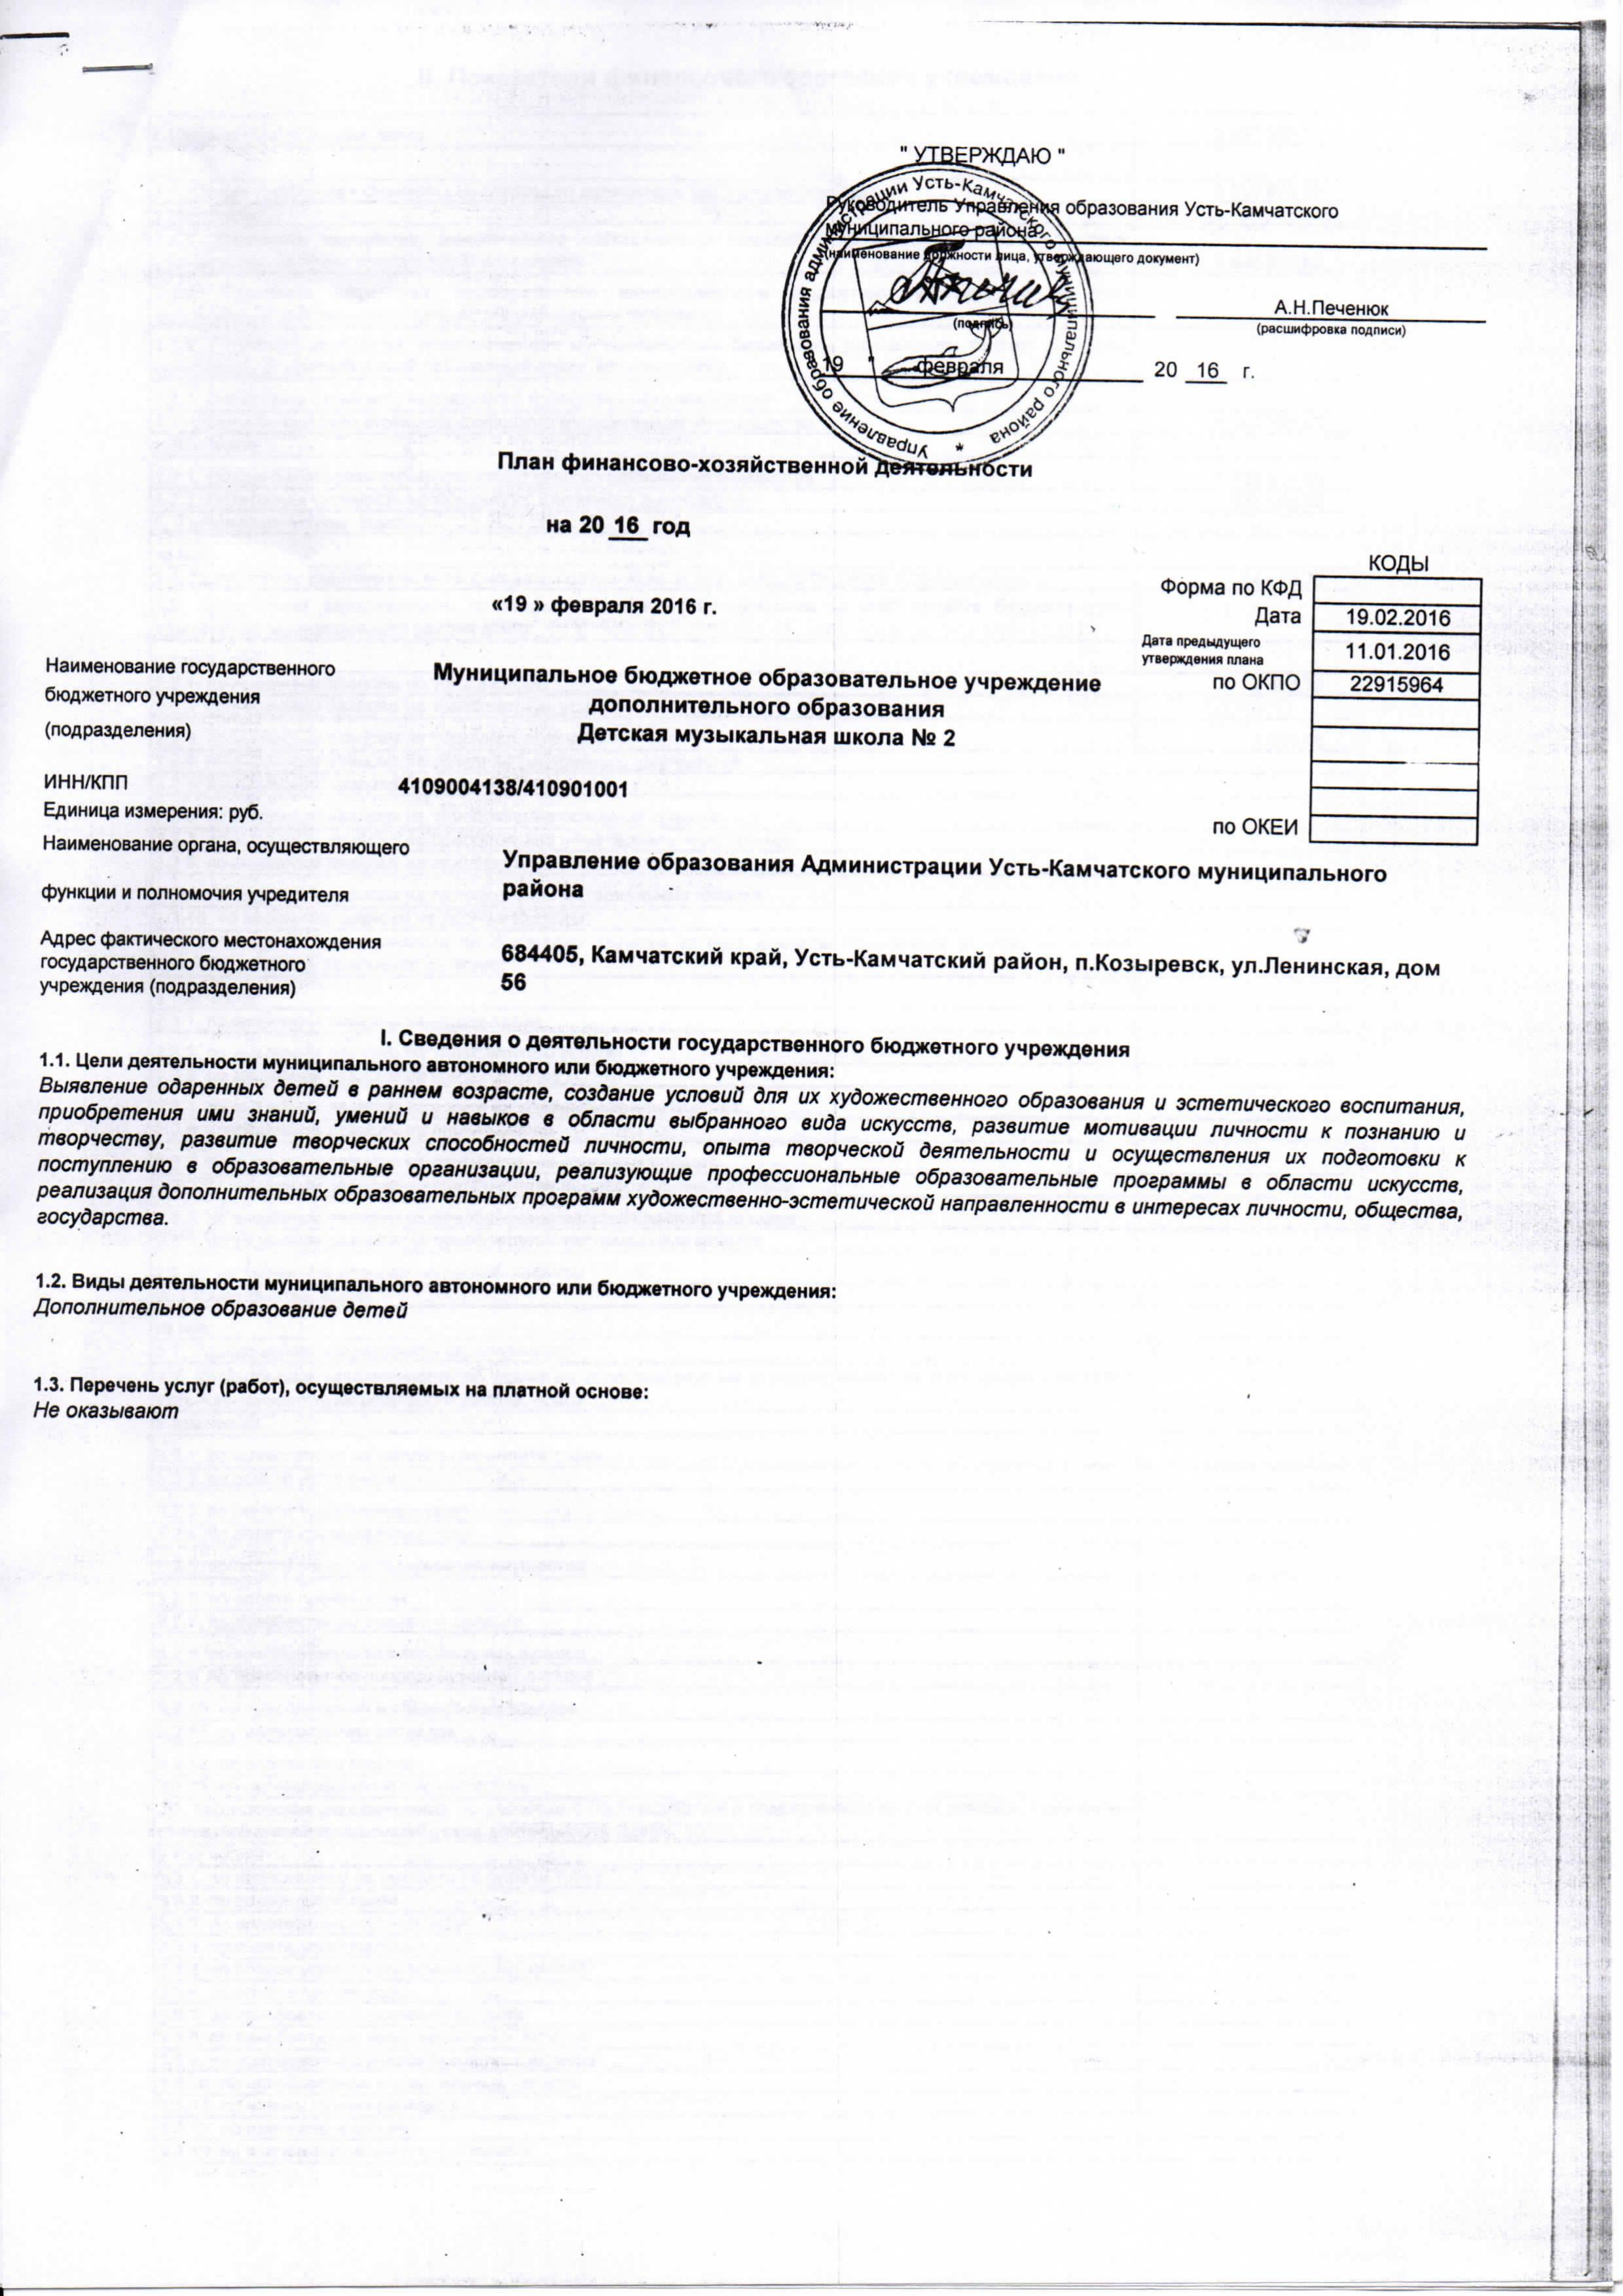 Титул к План ФХД МБОУДО ДМШ №2 19.02.16_01